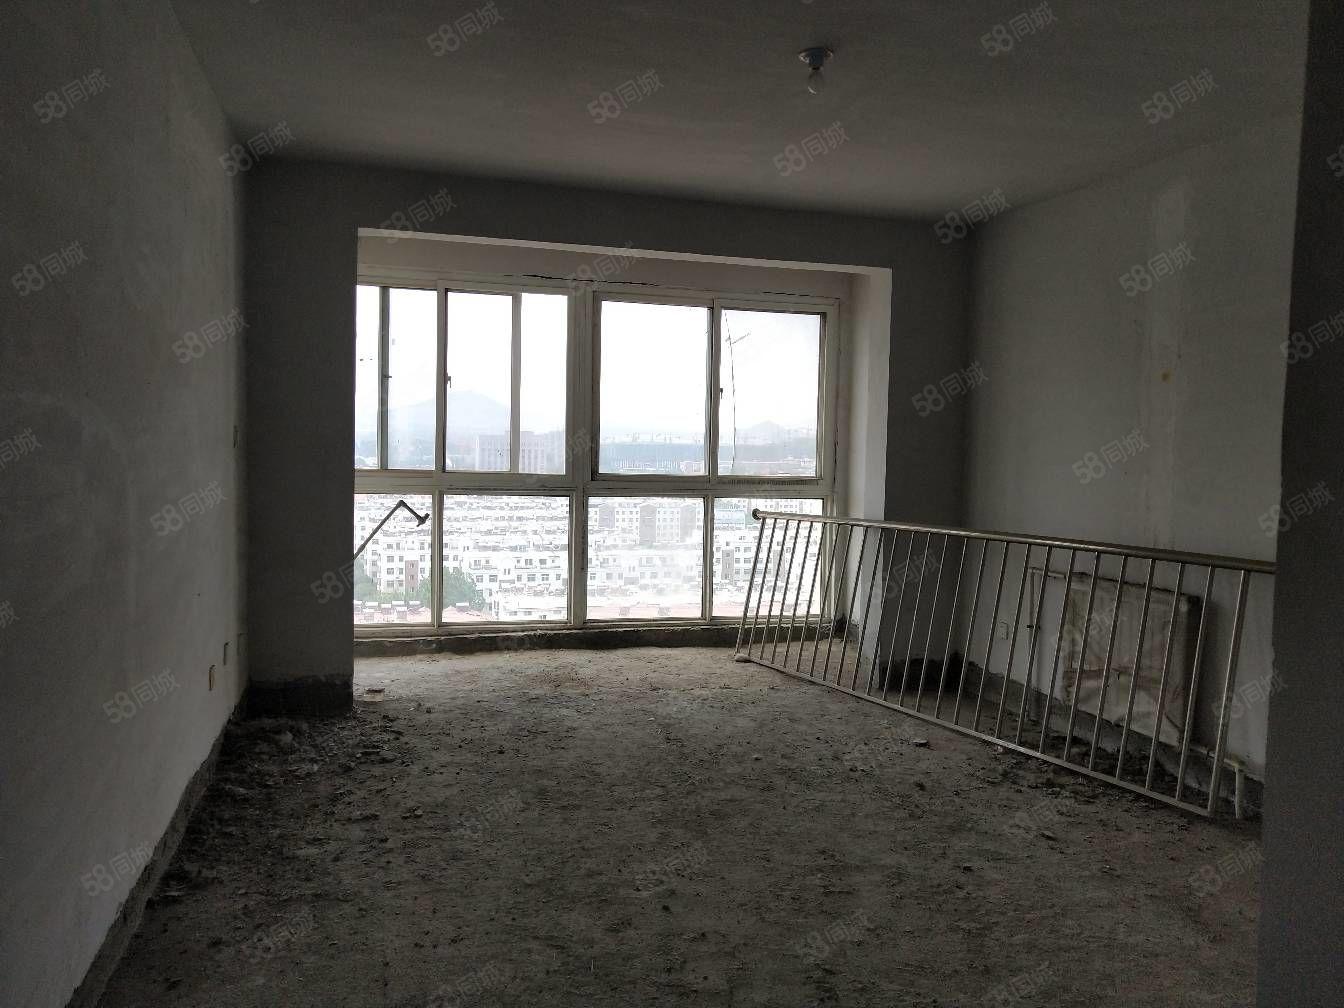 急售中兴新城电梯房好楼层,南北通透好户型,到家在5000左右